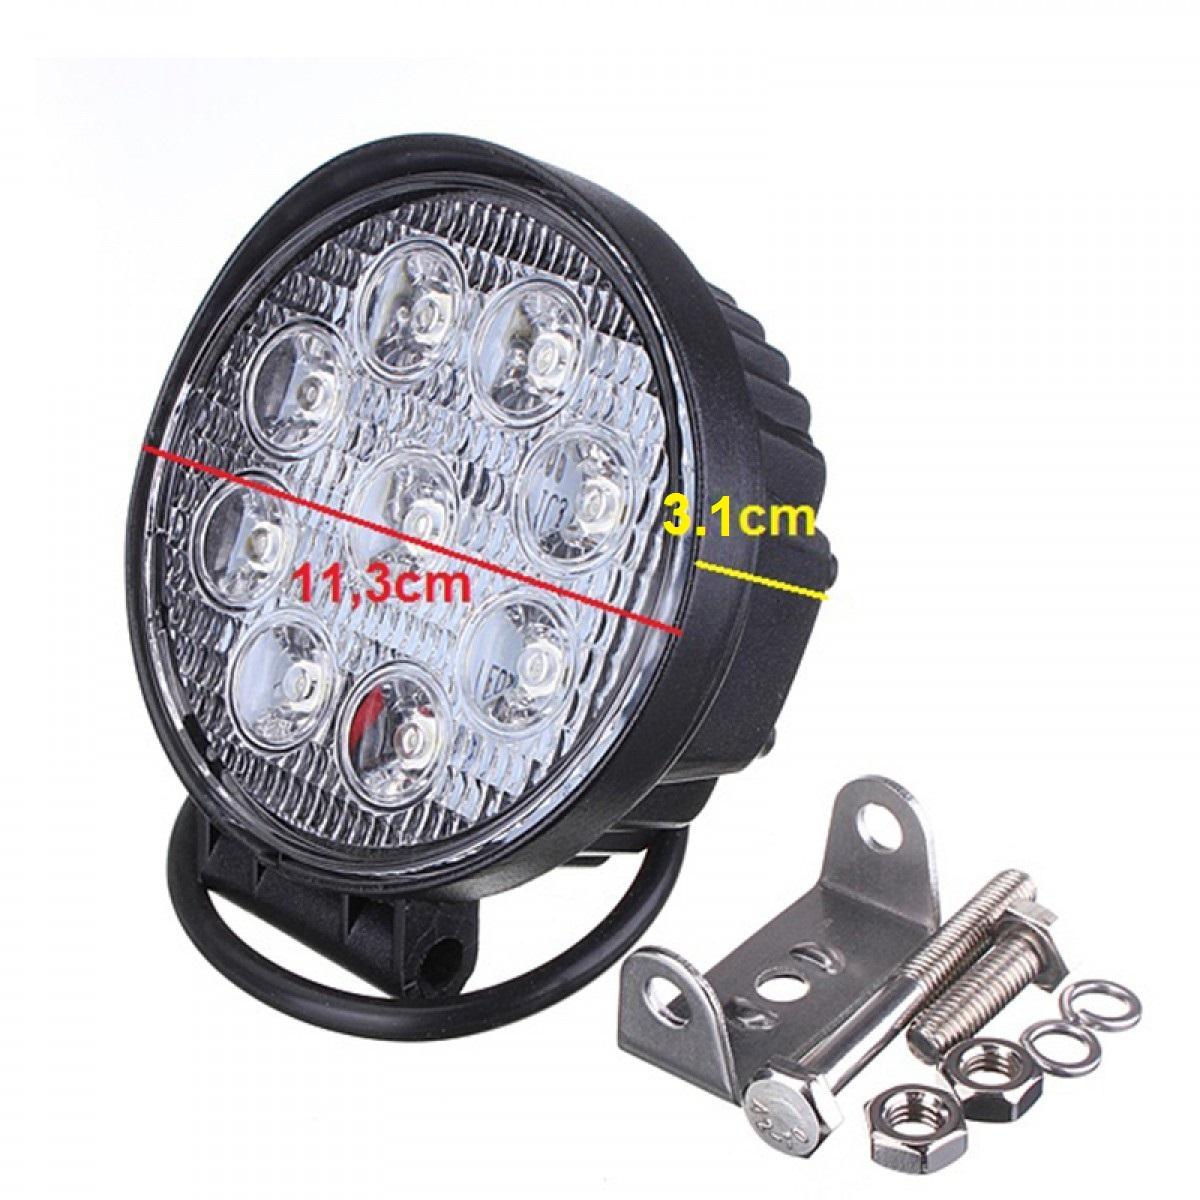 Στρογγυλός προβολέας LED 27W 30° δουλεύει από 12V έως καί 32V για βάρκες τρακτέρ φορτηγά αυτοκίνητα